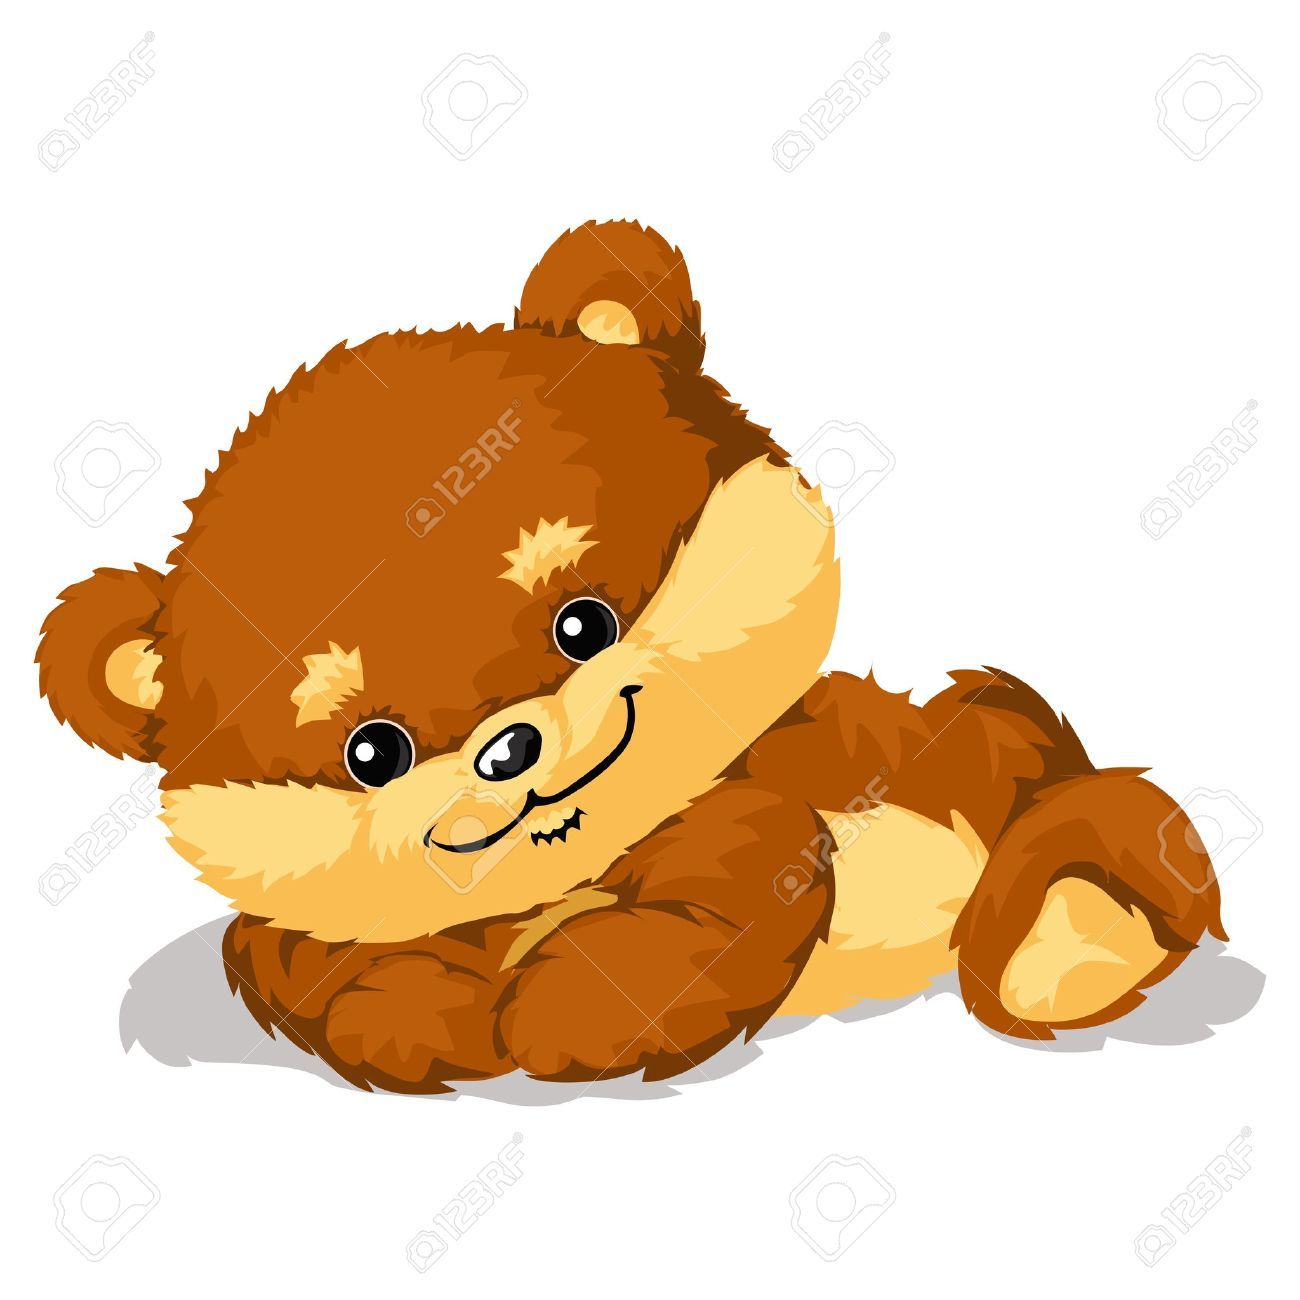 かわいいクマさんのイラストのイラスト素材 ベクタ Image